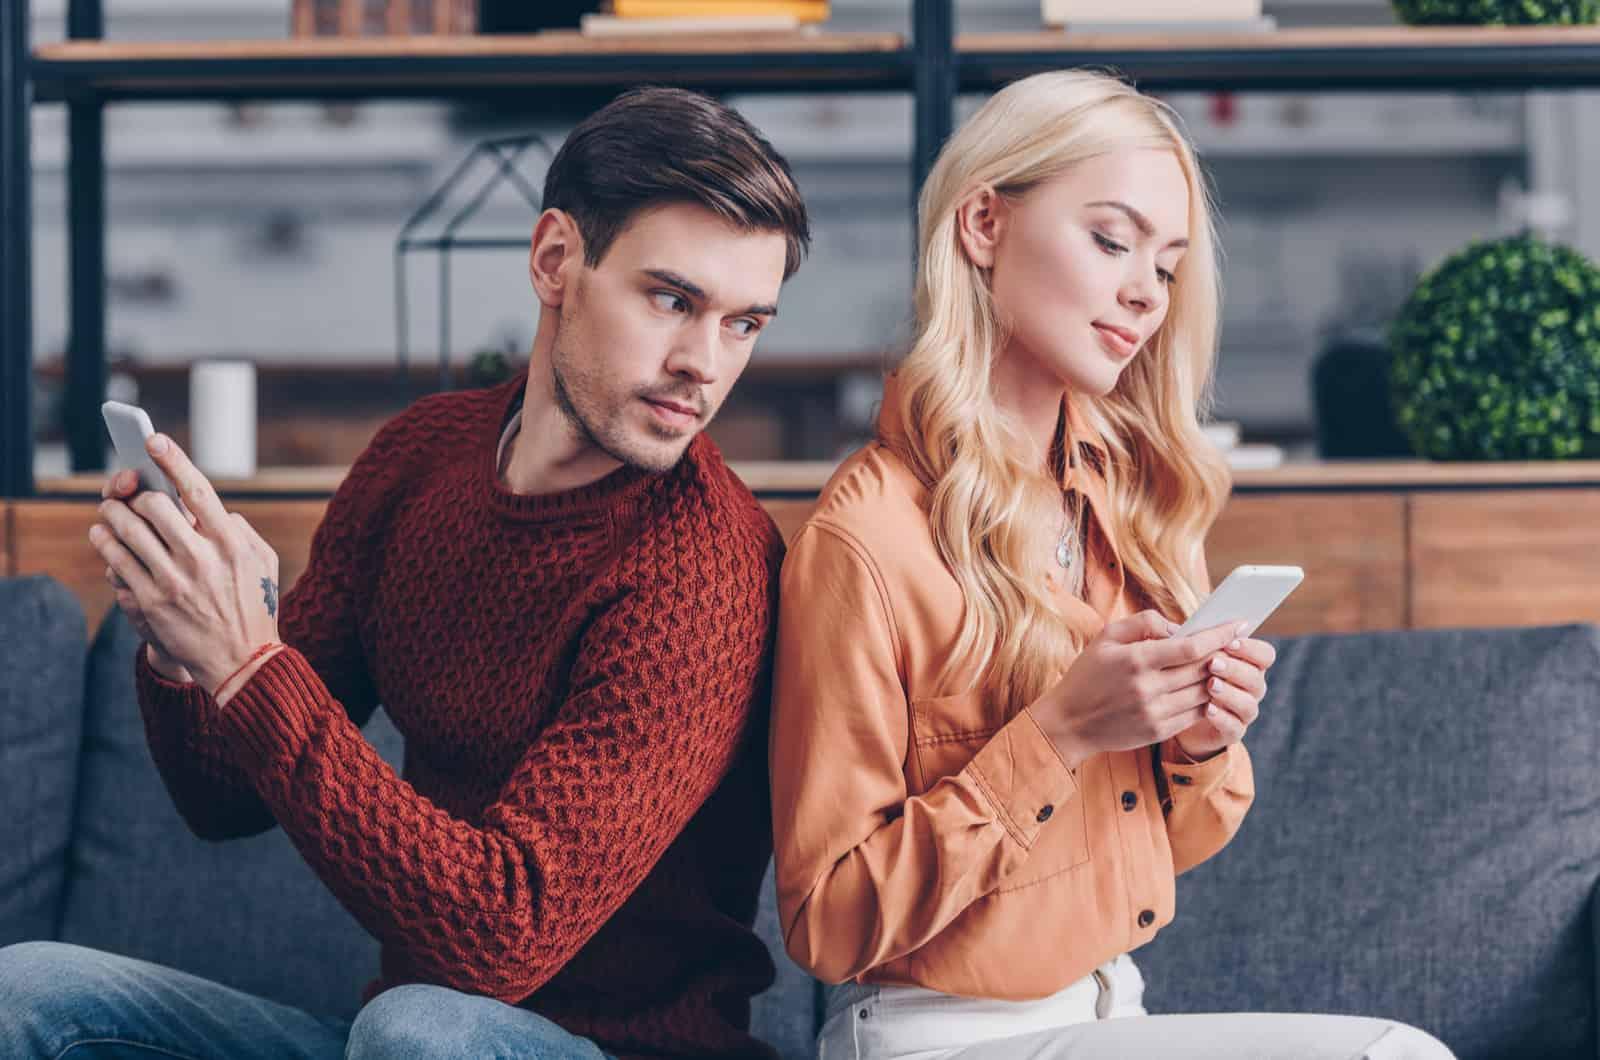 Mann schaut auf das Telefon einer Frau